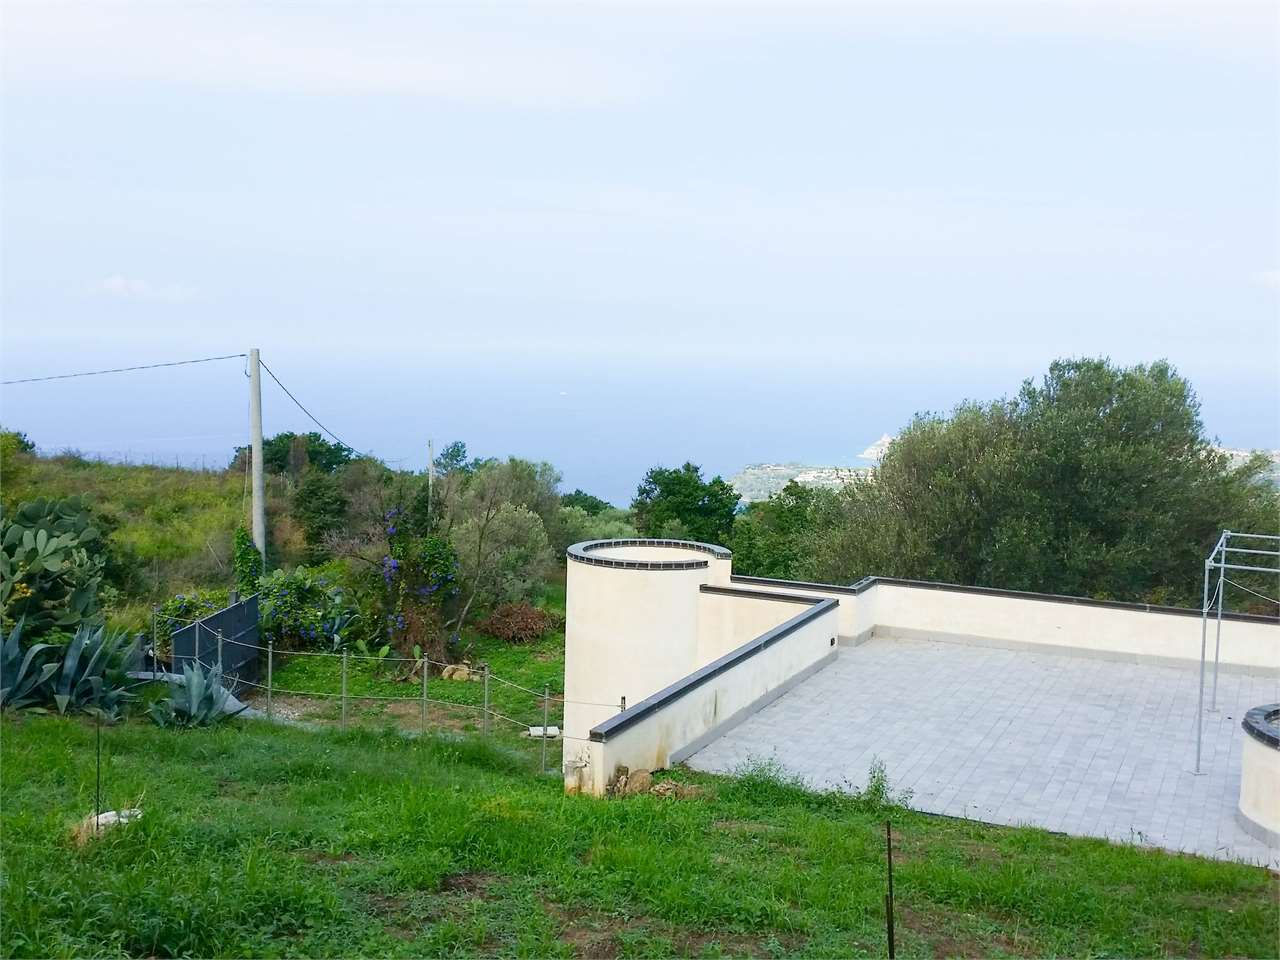 Villa in vendita a Joppolo, 4 locali, zona Zona: Coccorino, prezzo € 310.000 | Cambio Casa.it